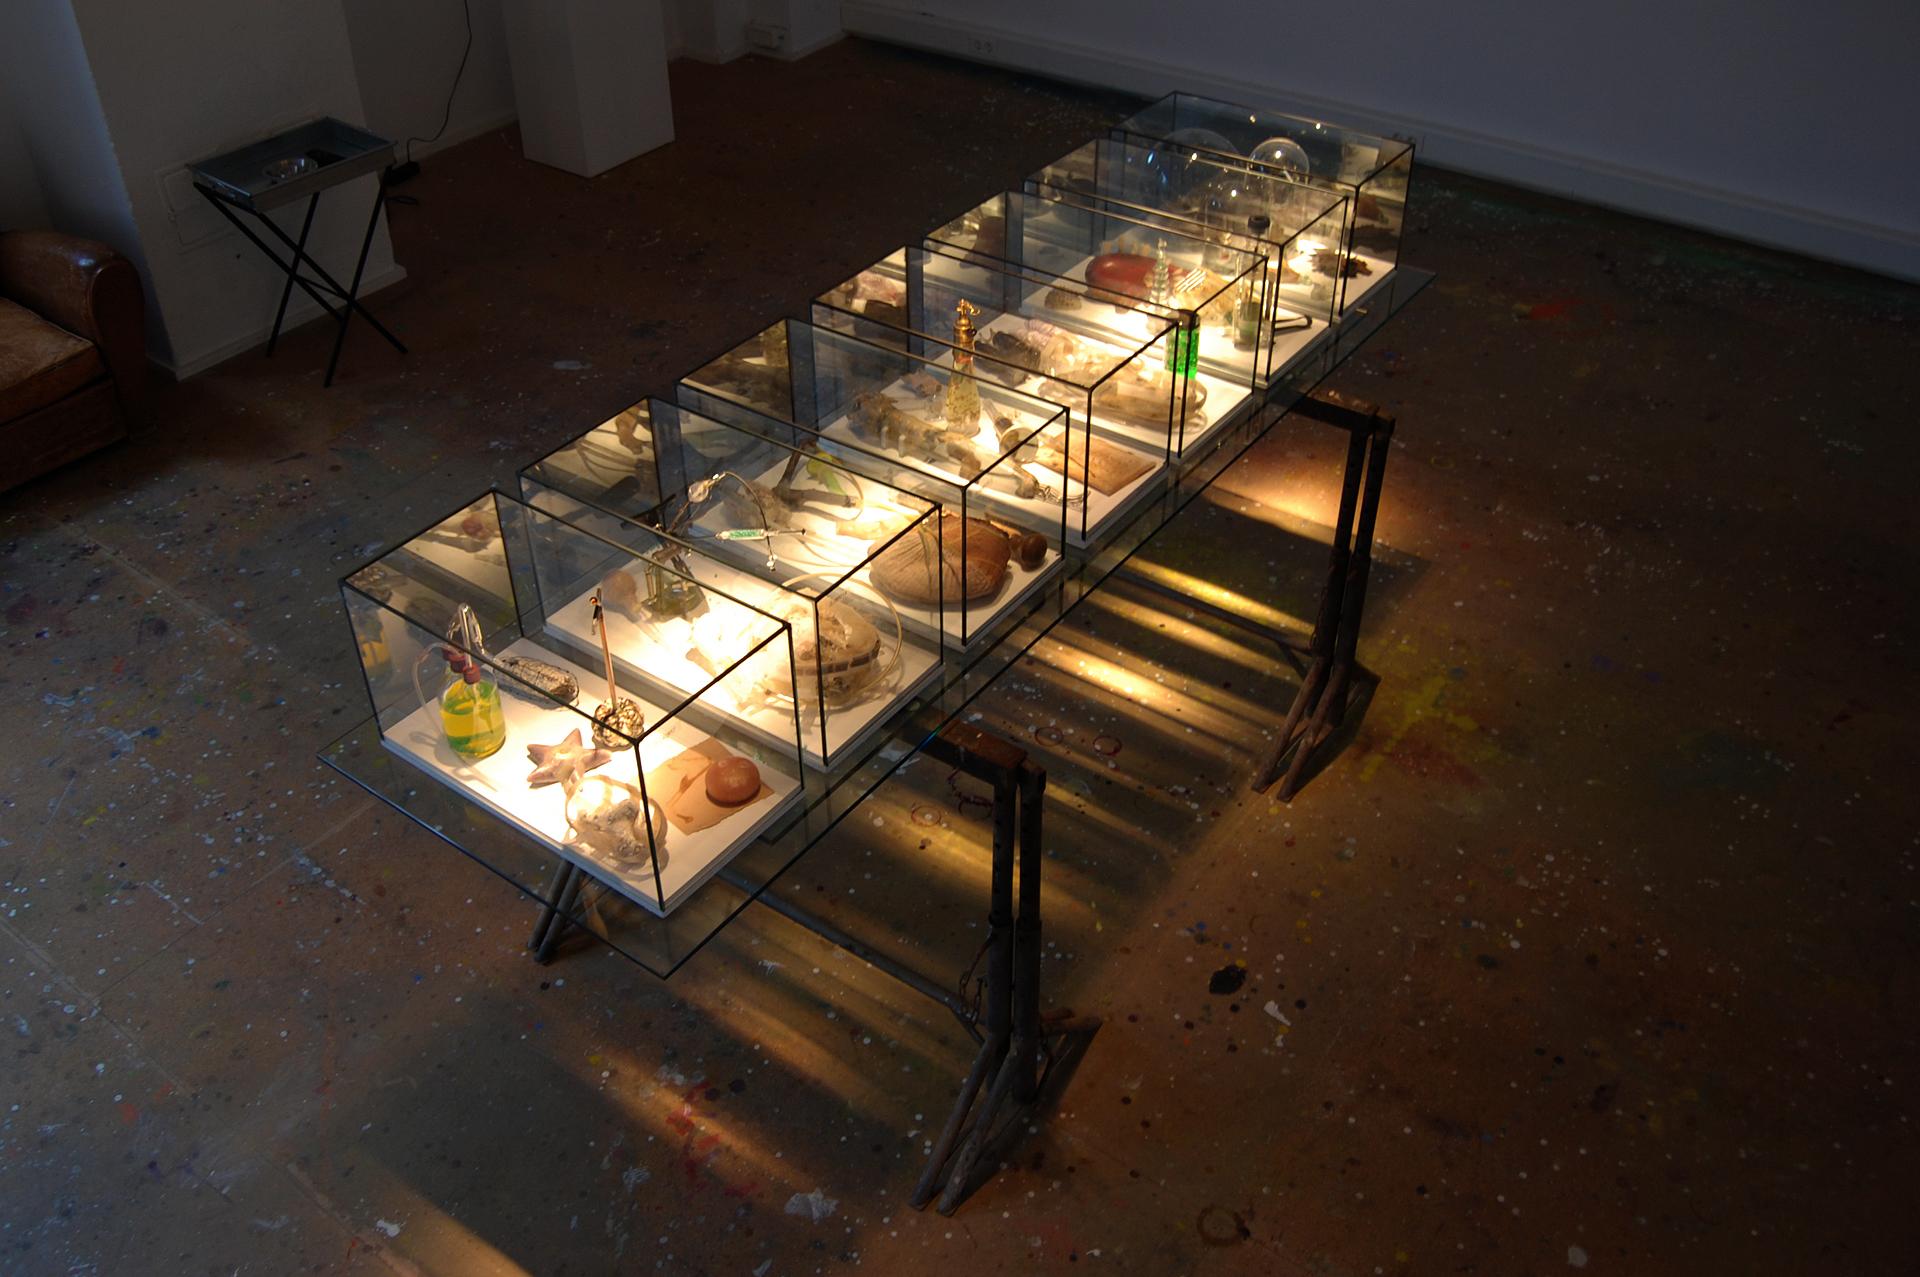 Ausstellungsansicht Anagramm@1 von Stefan Zoellner, Sammlung Siepermann